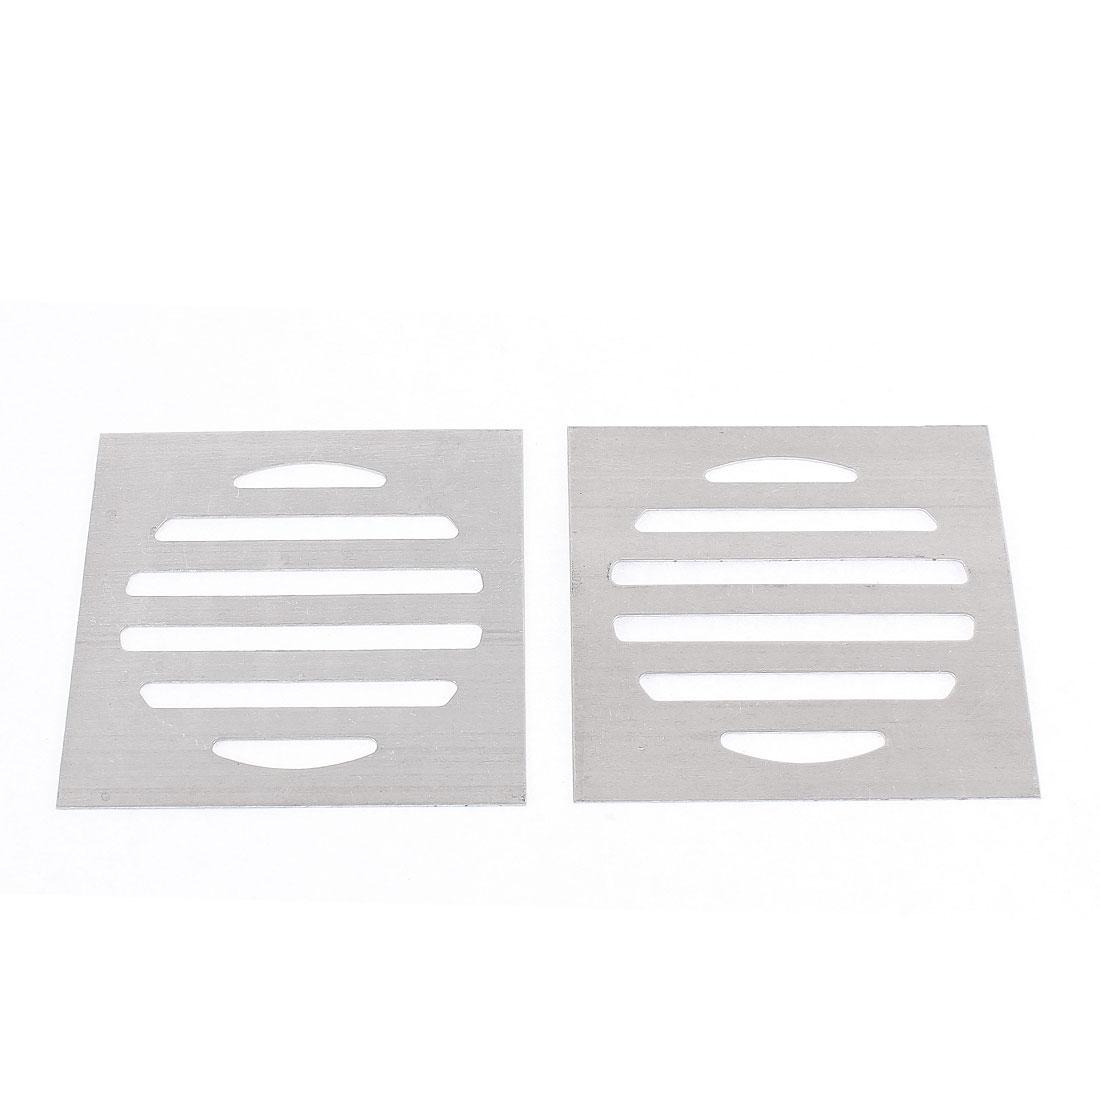 Kitchen Bathroom Square Floor Drain Drainer Cover 7.5cm x 7.5cm 2Pcs